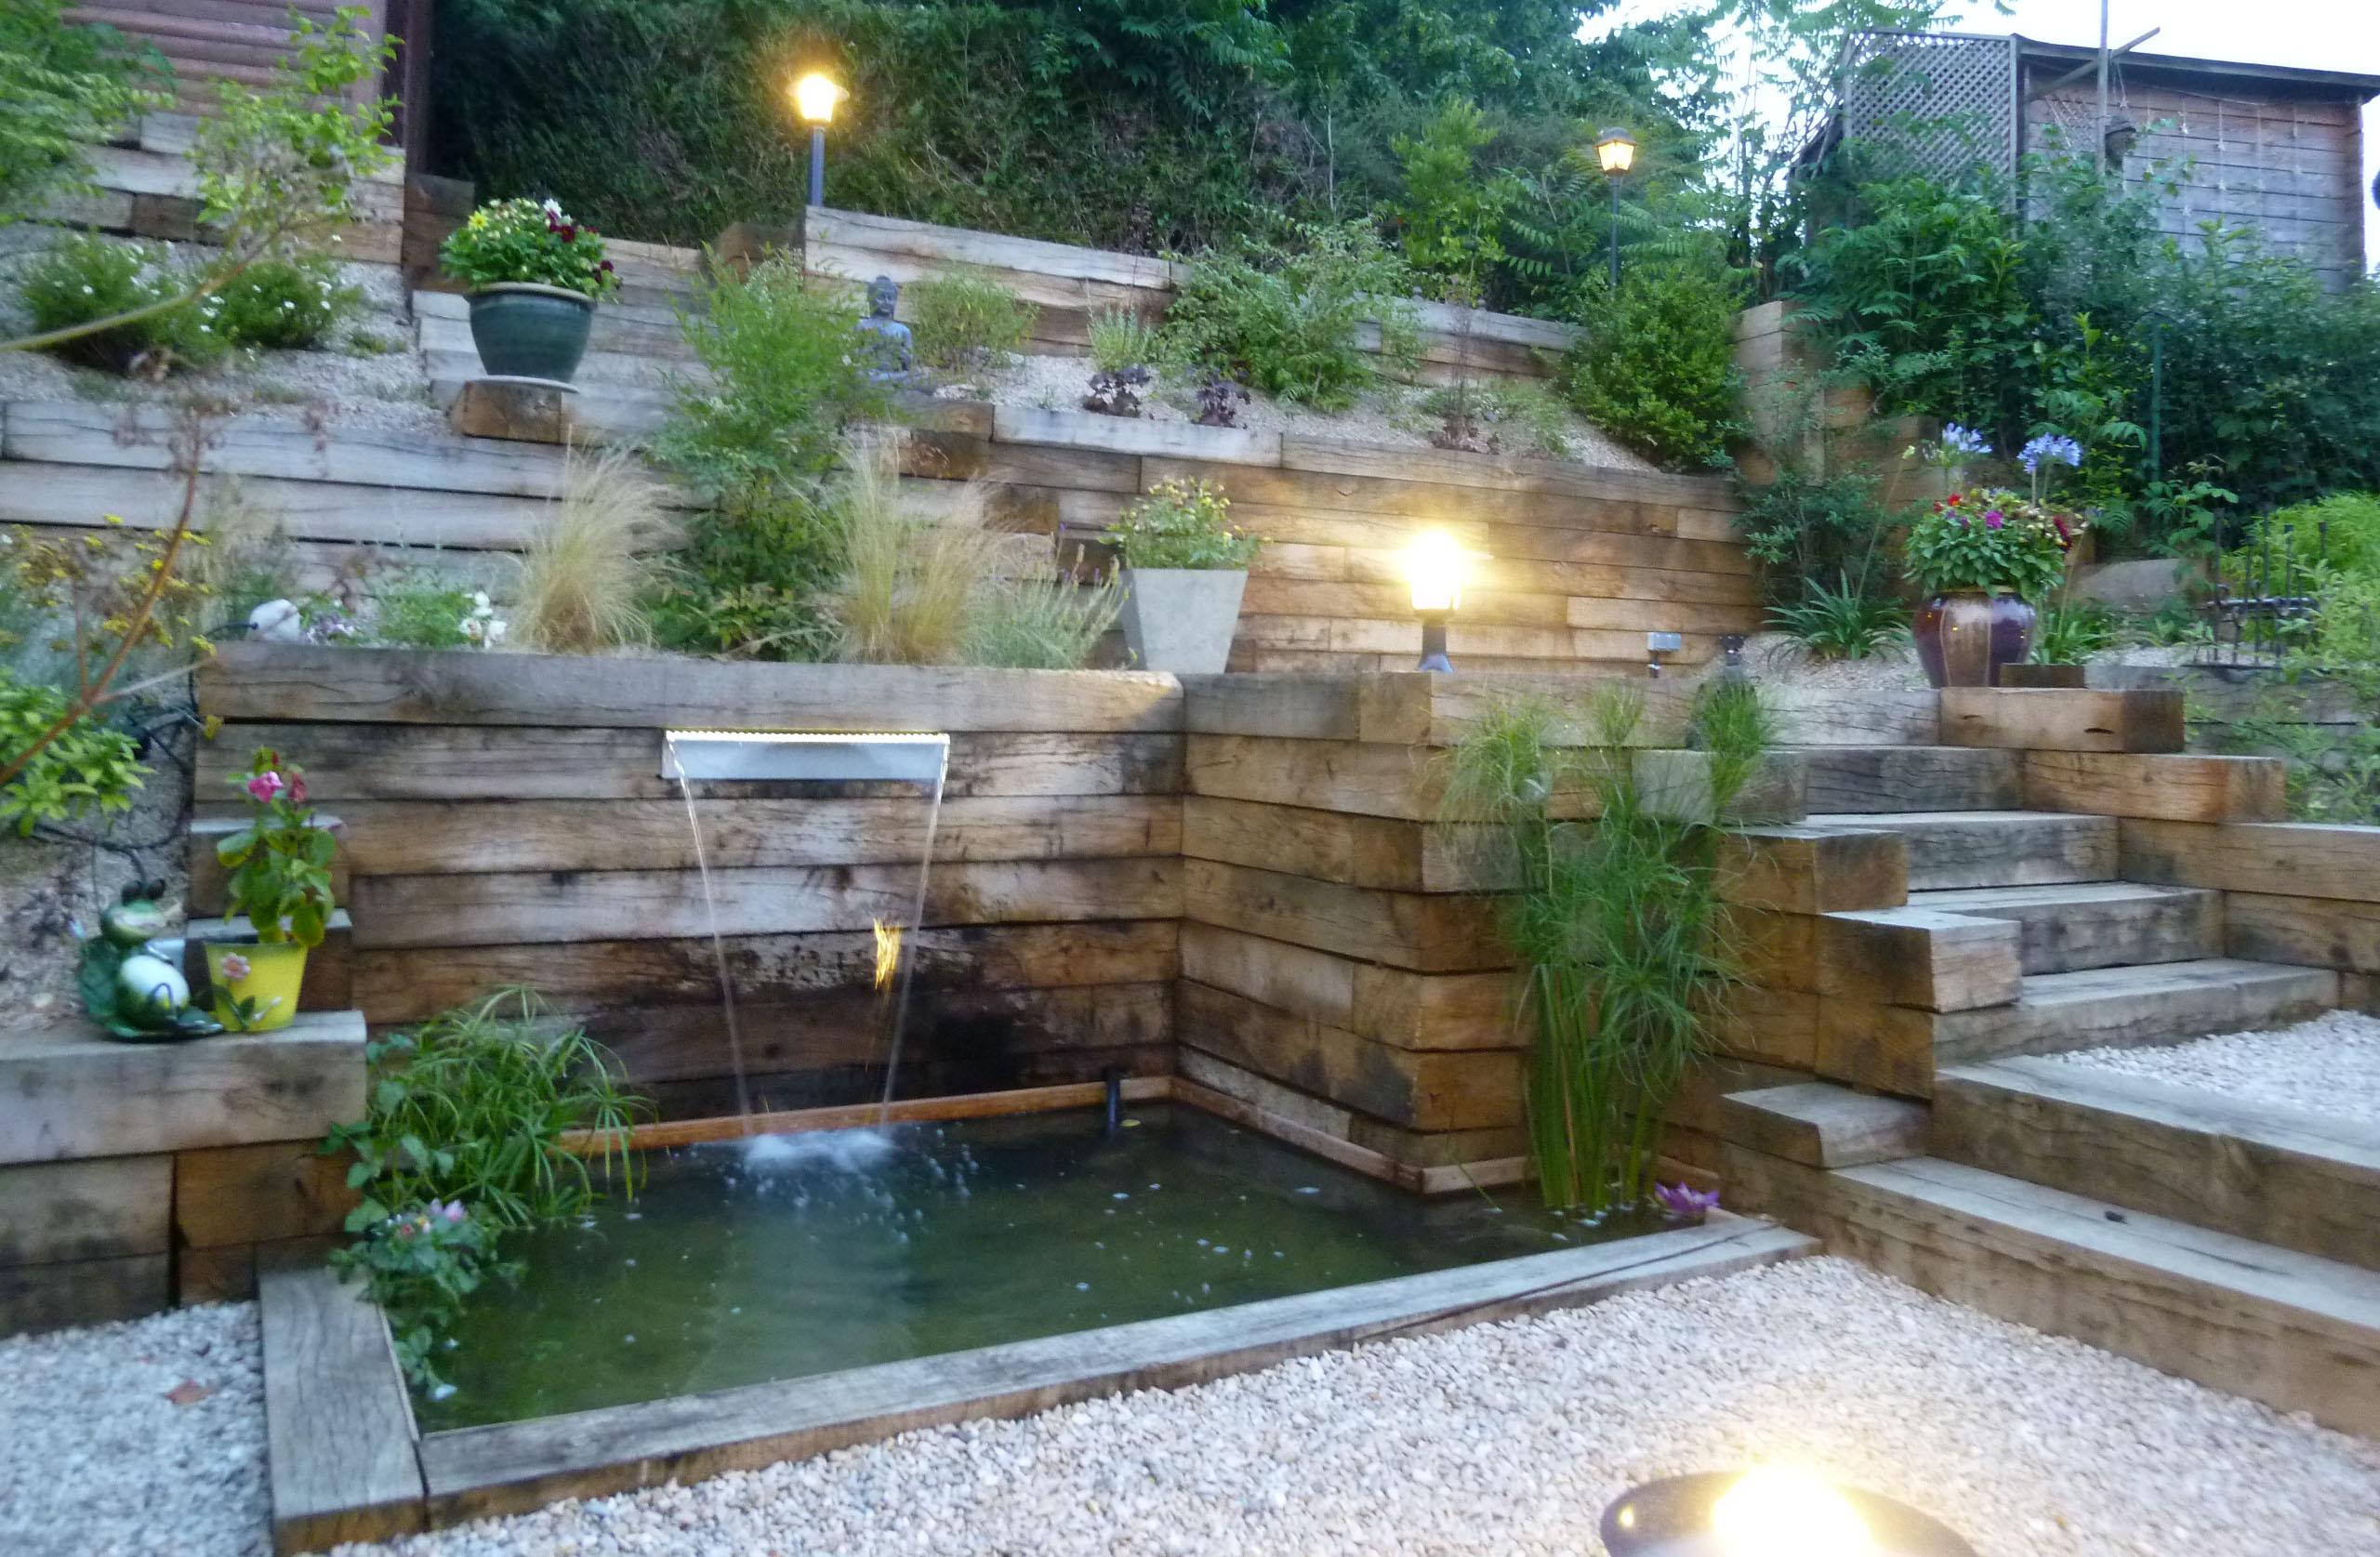 Amenagement Jardin En Pente Idee - Idee amenagement exterieur maison